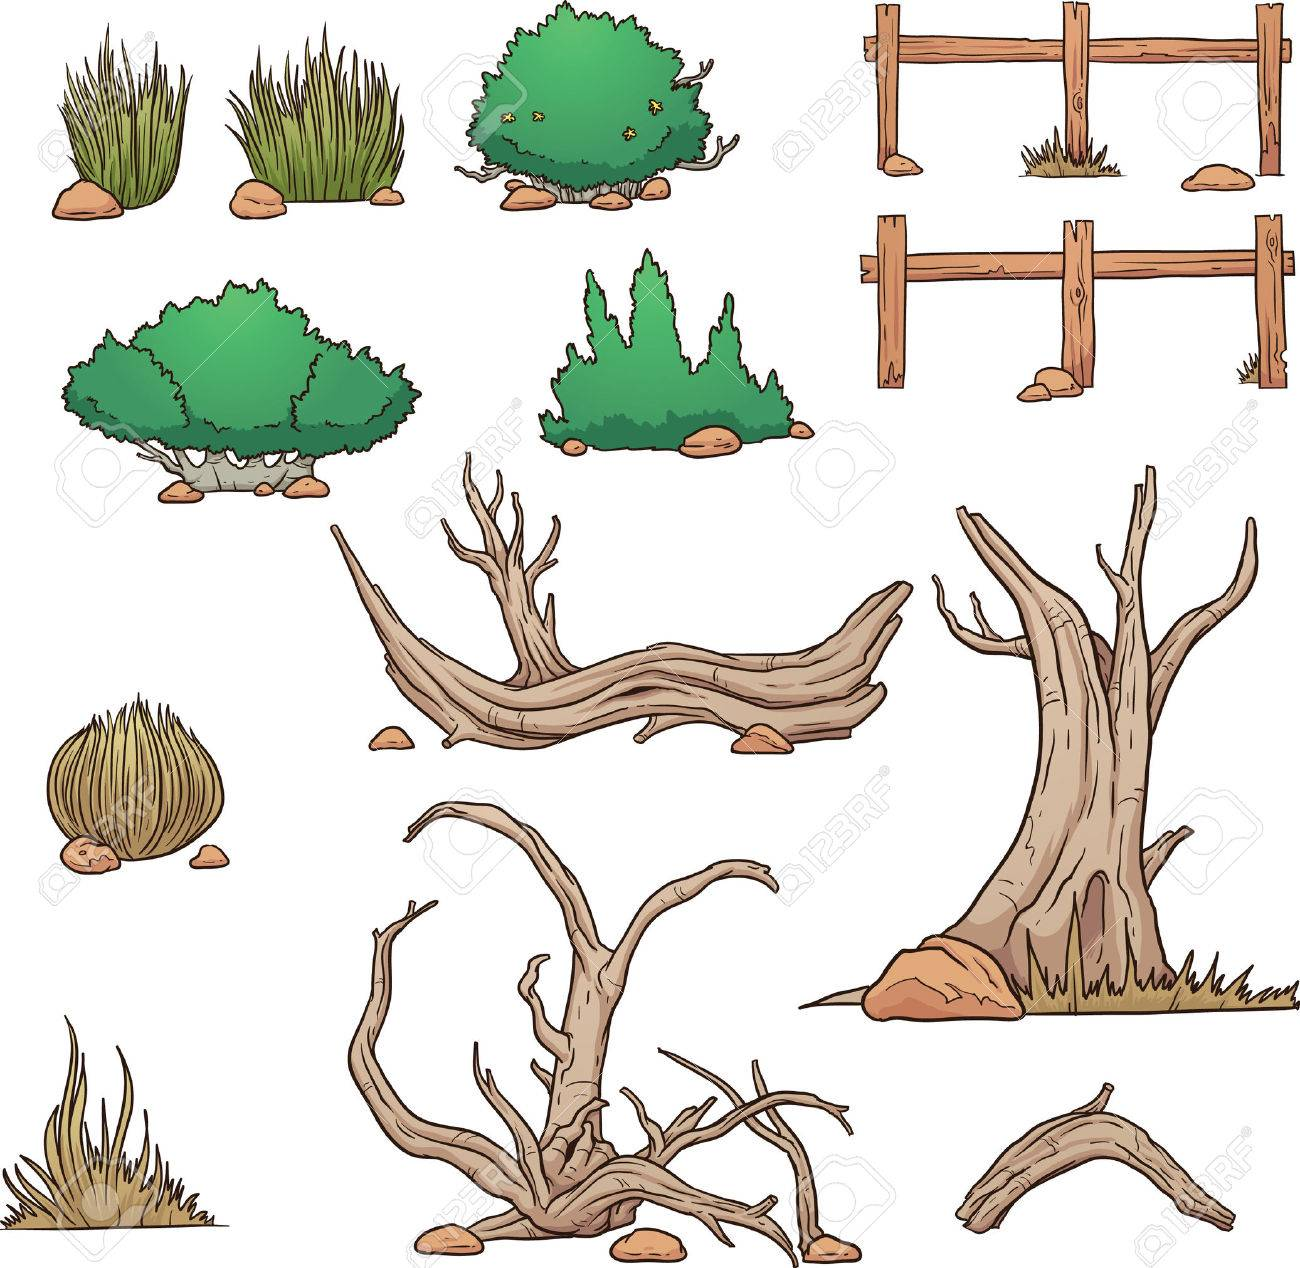 砂漠の要素茂みと枯死木簡単なグラデーション ベクター クリップ